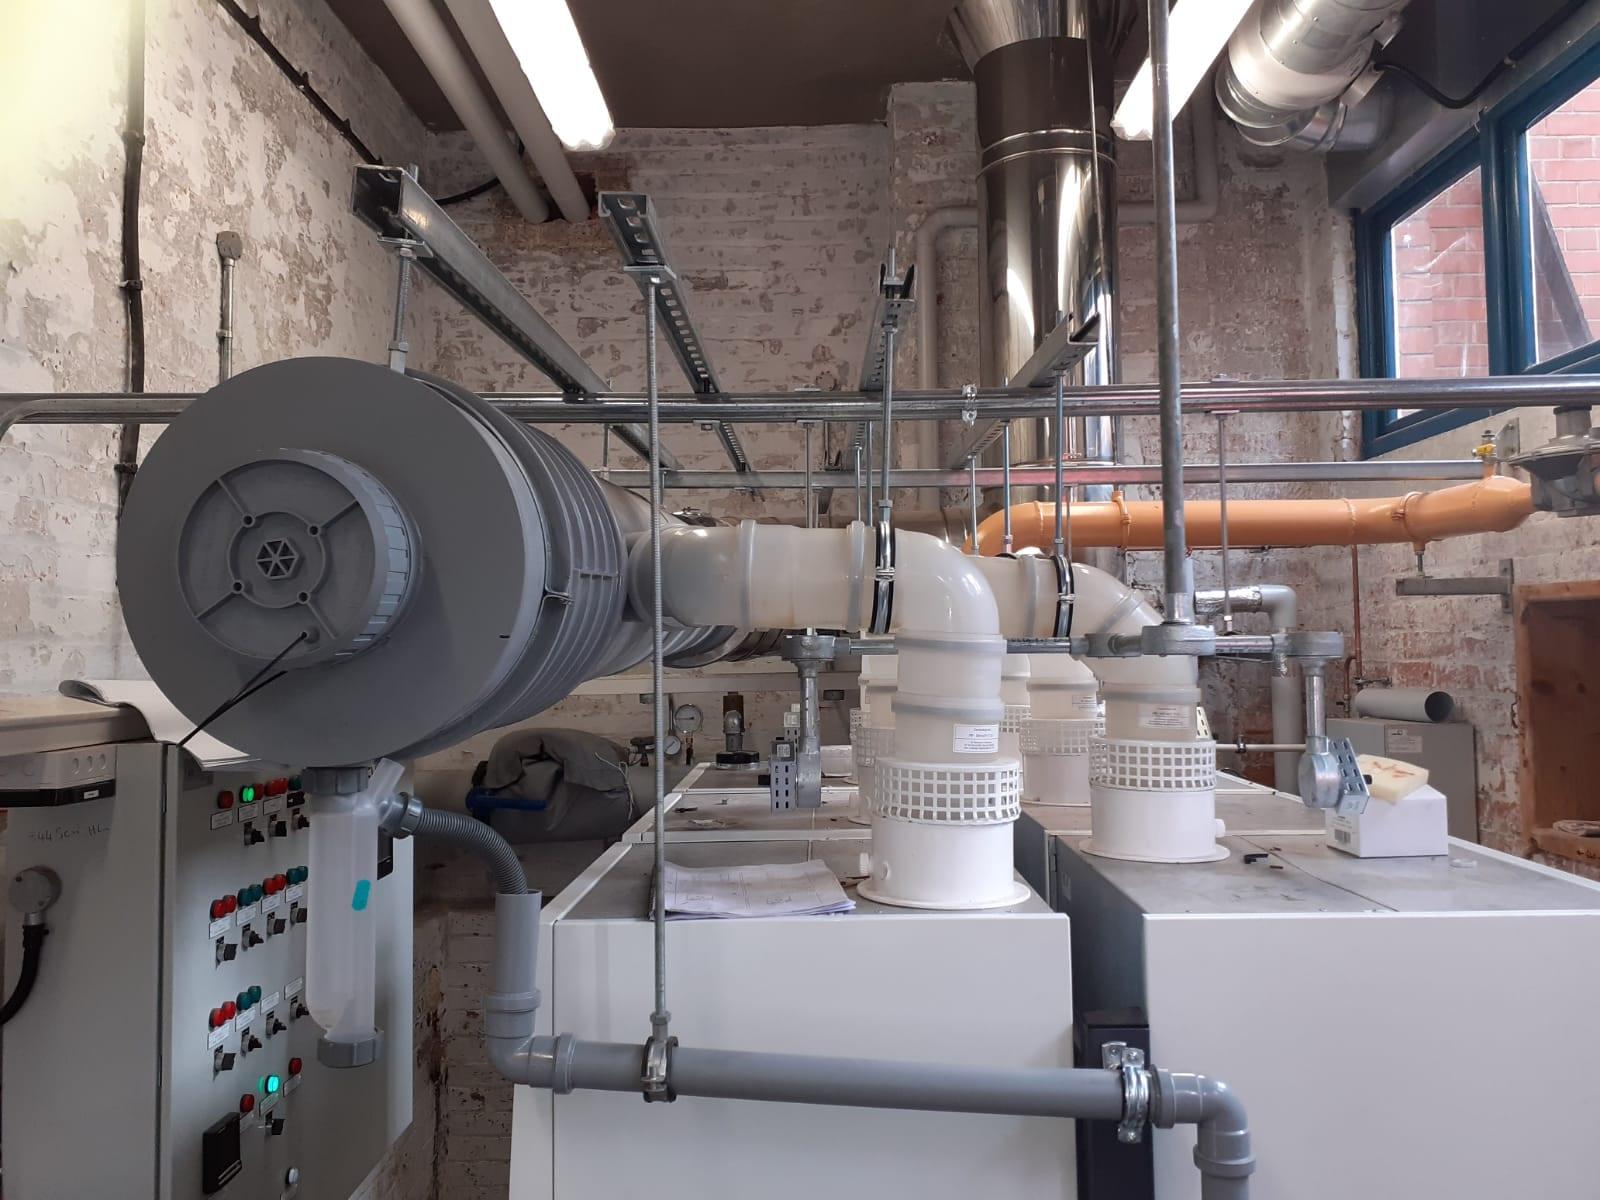 Whiteabbey Primary School Chimney Installation Gallery Image